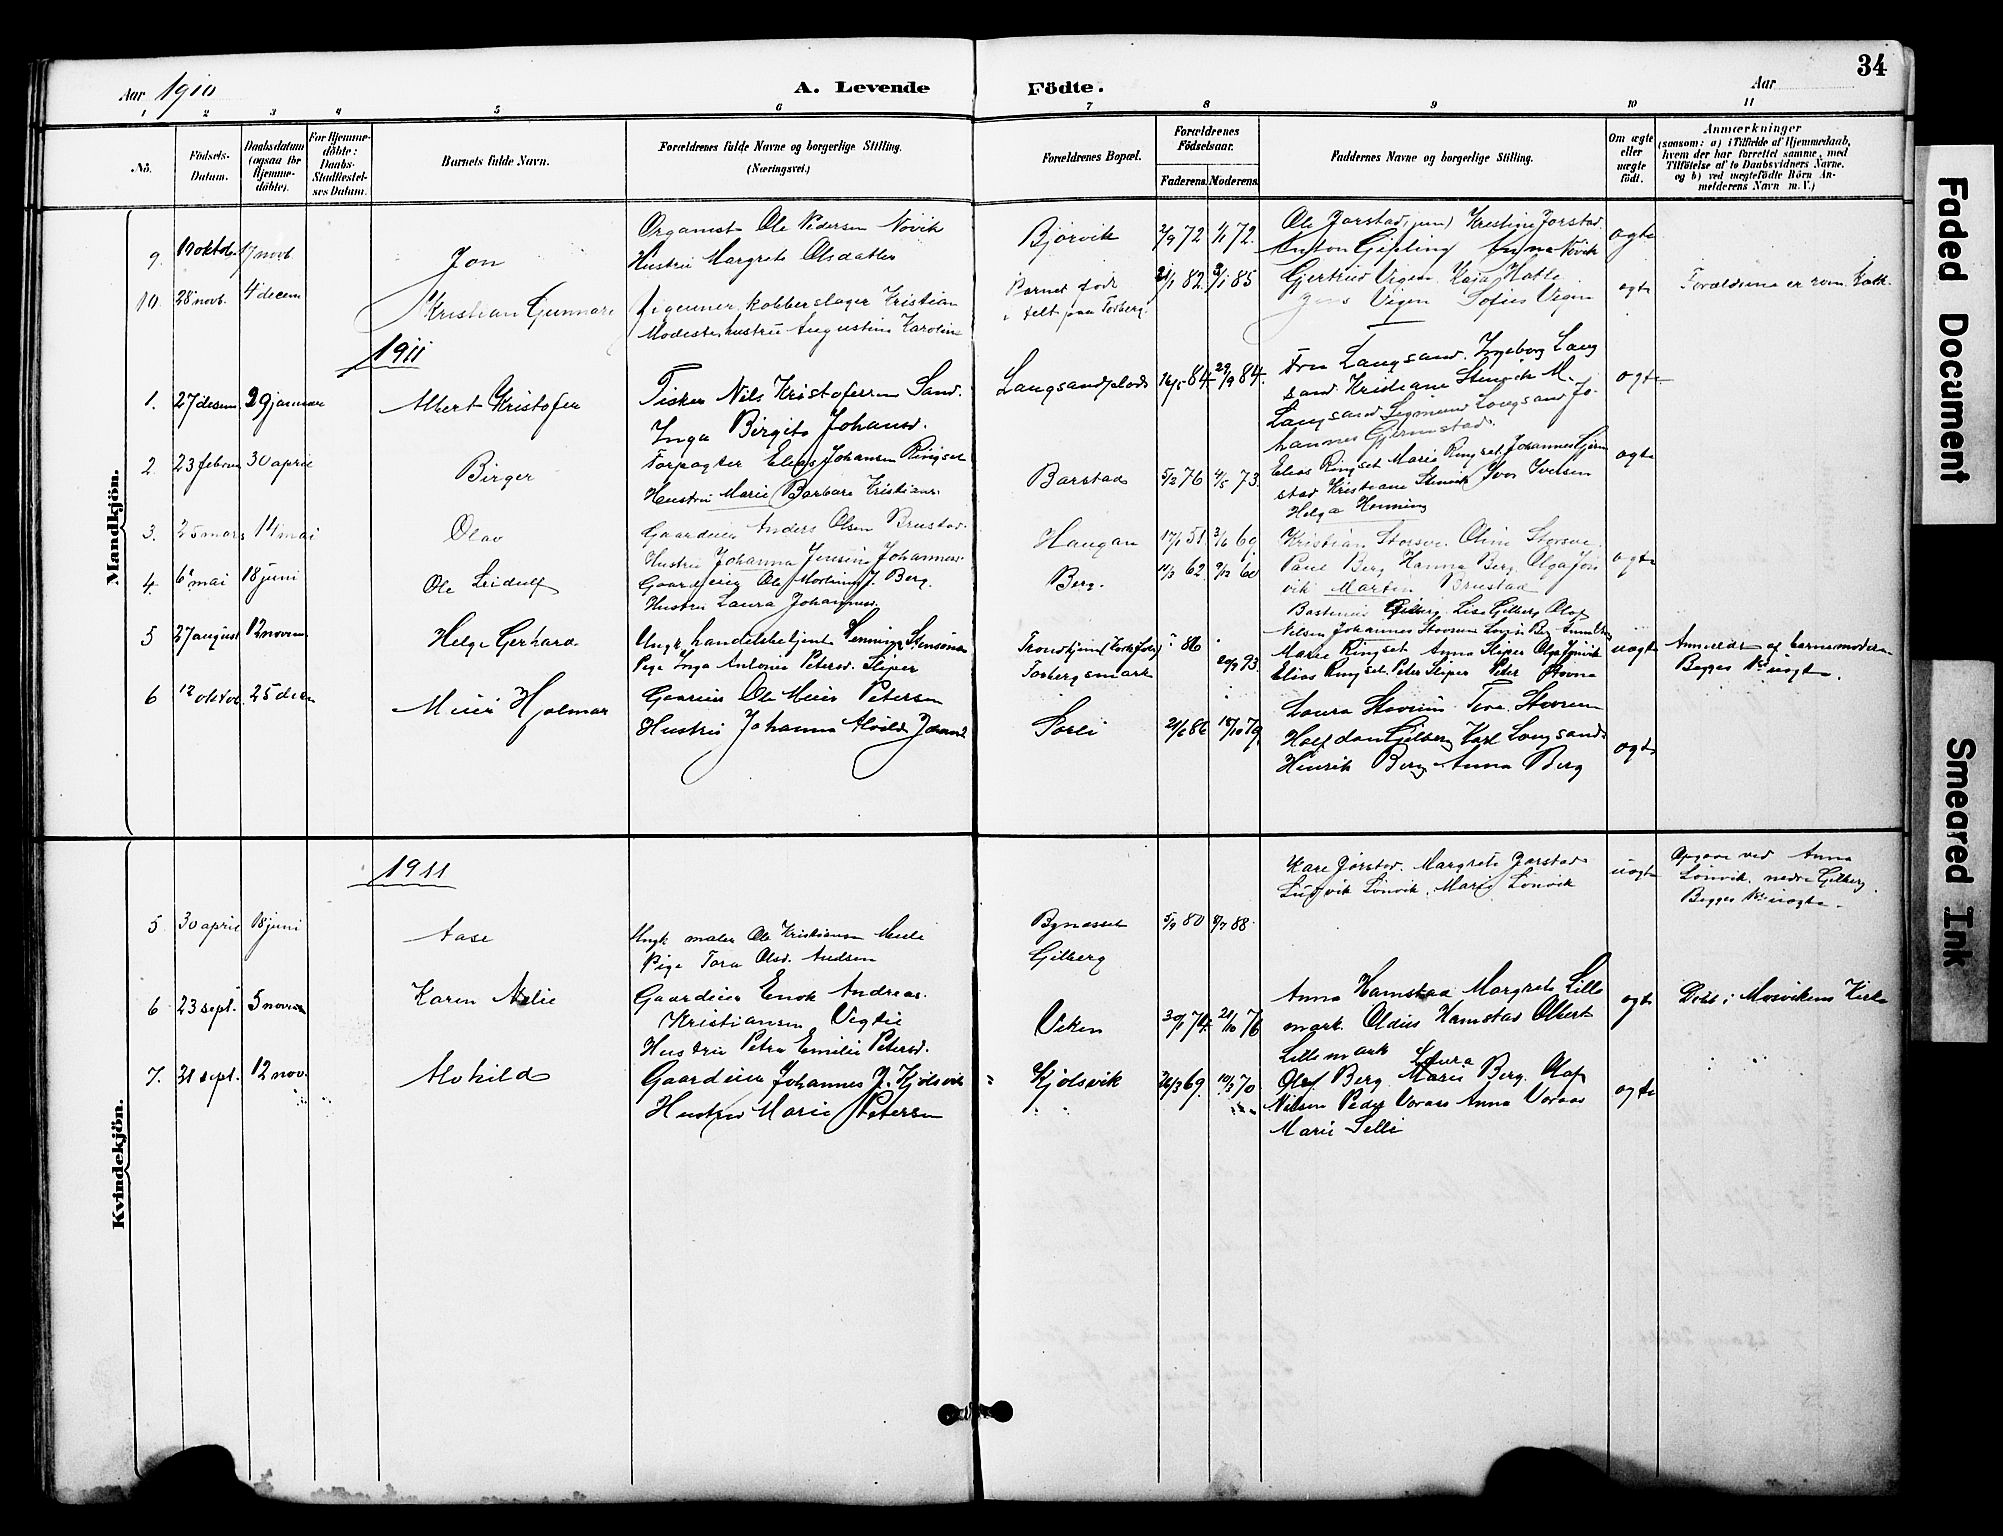 SAT, Ministerialprotokoller, klokkerbøker og fødselsregistre - Nord-Trøndelag, 722/L0226: Klokkerbok nr. 722C02, 1889-1927, s. 34